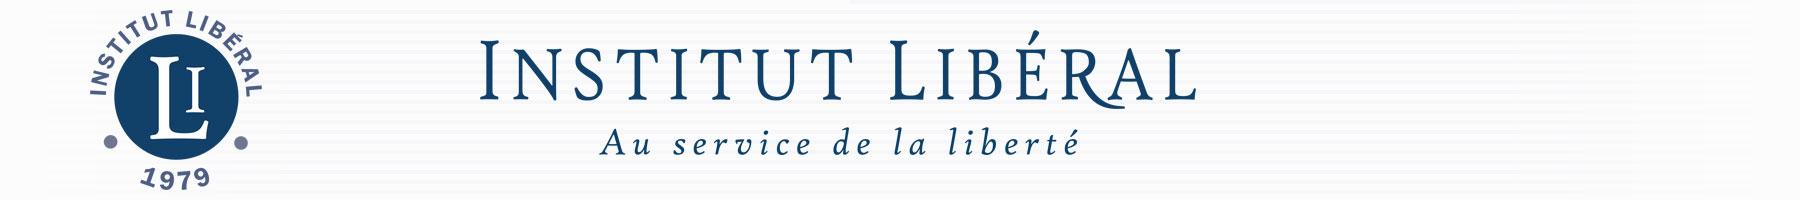 Liberales Institut